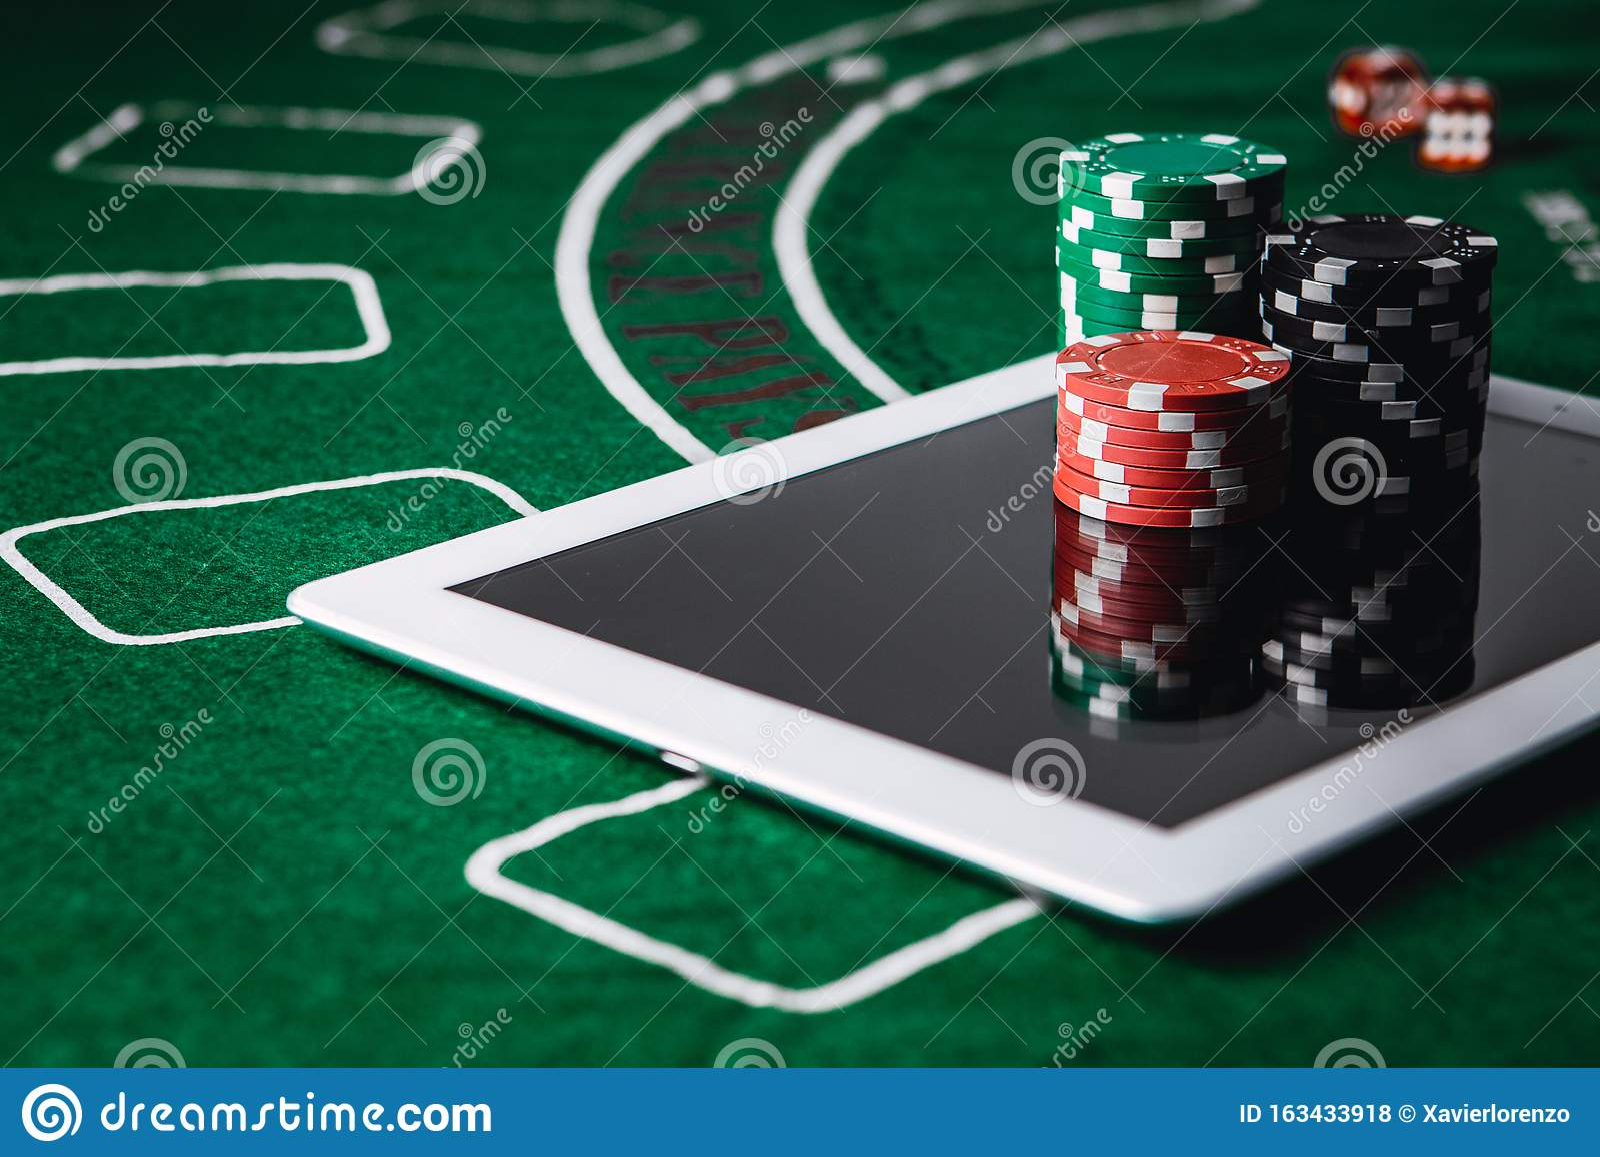 казино онлайн игры покер